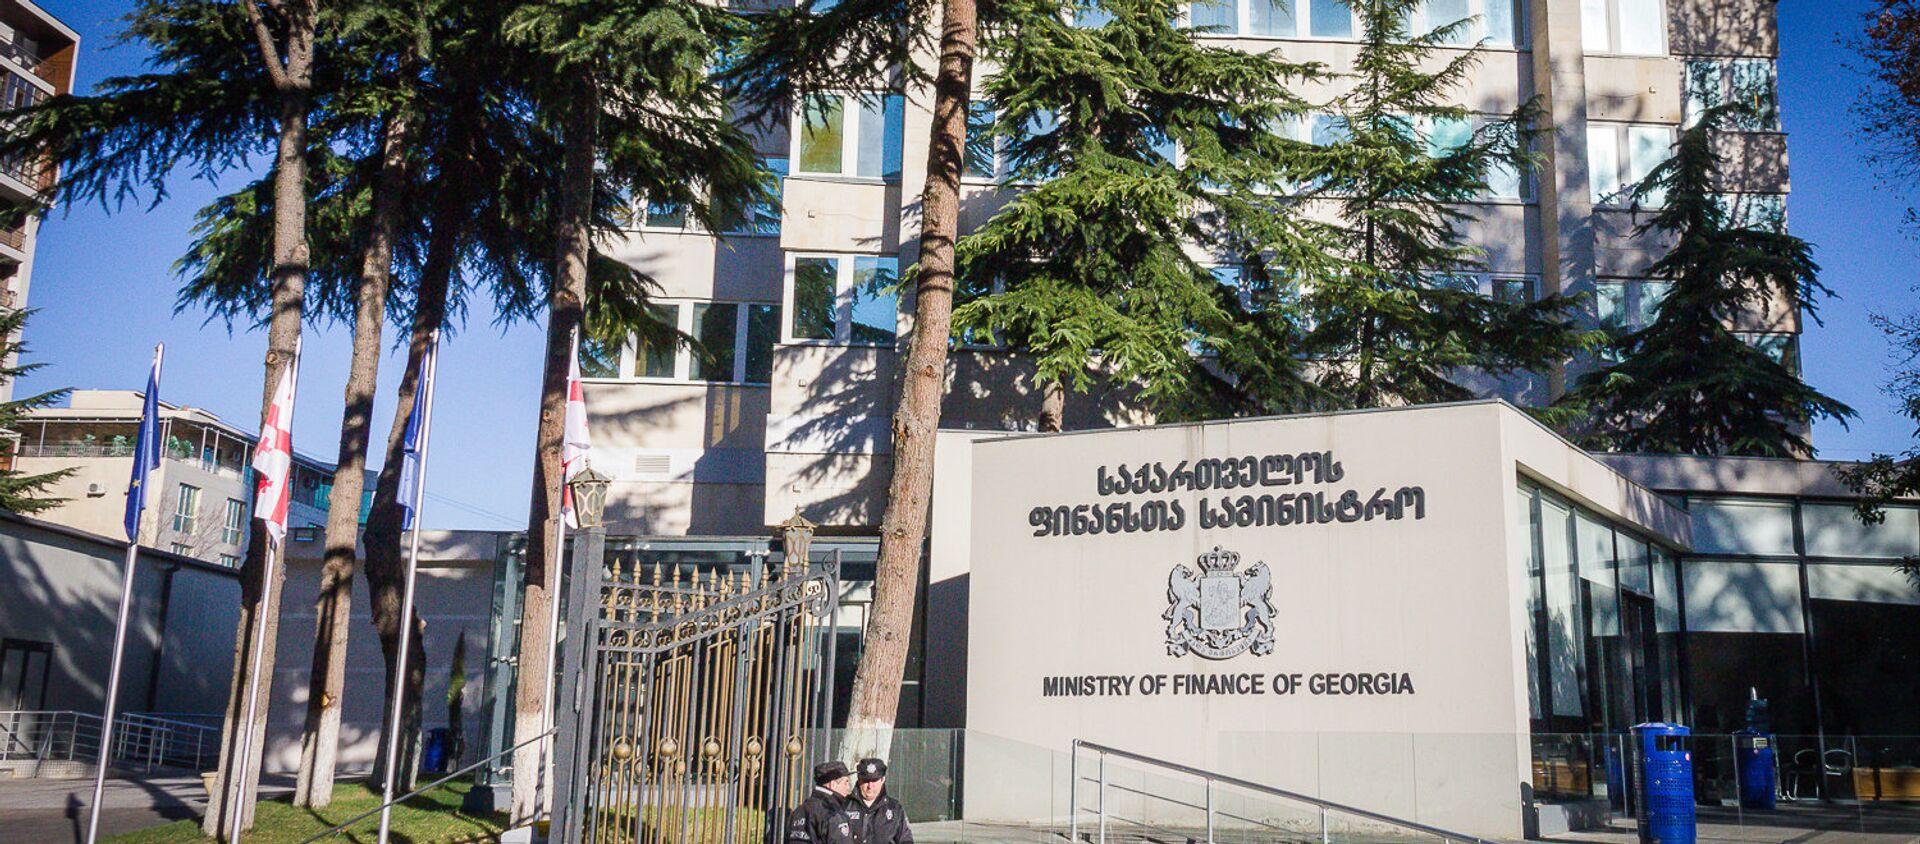 Министерство финансов Грузии - Sputnik Грузия, 1920, 15.04.2021